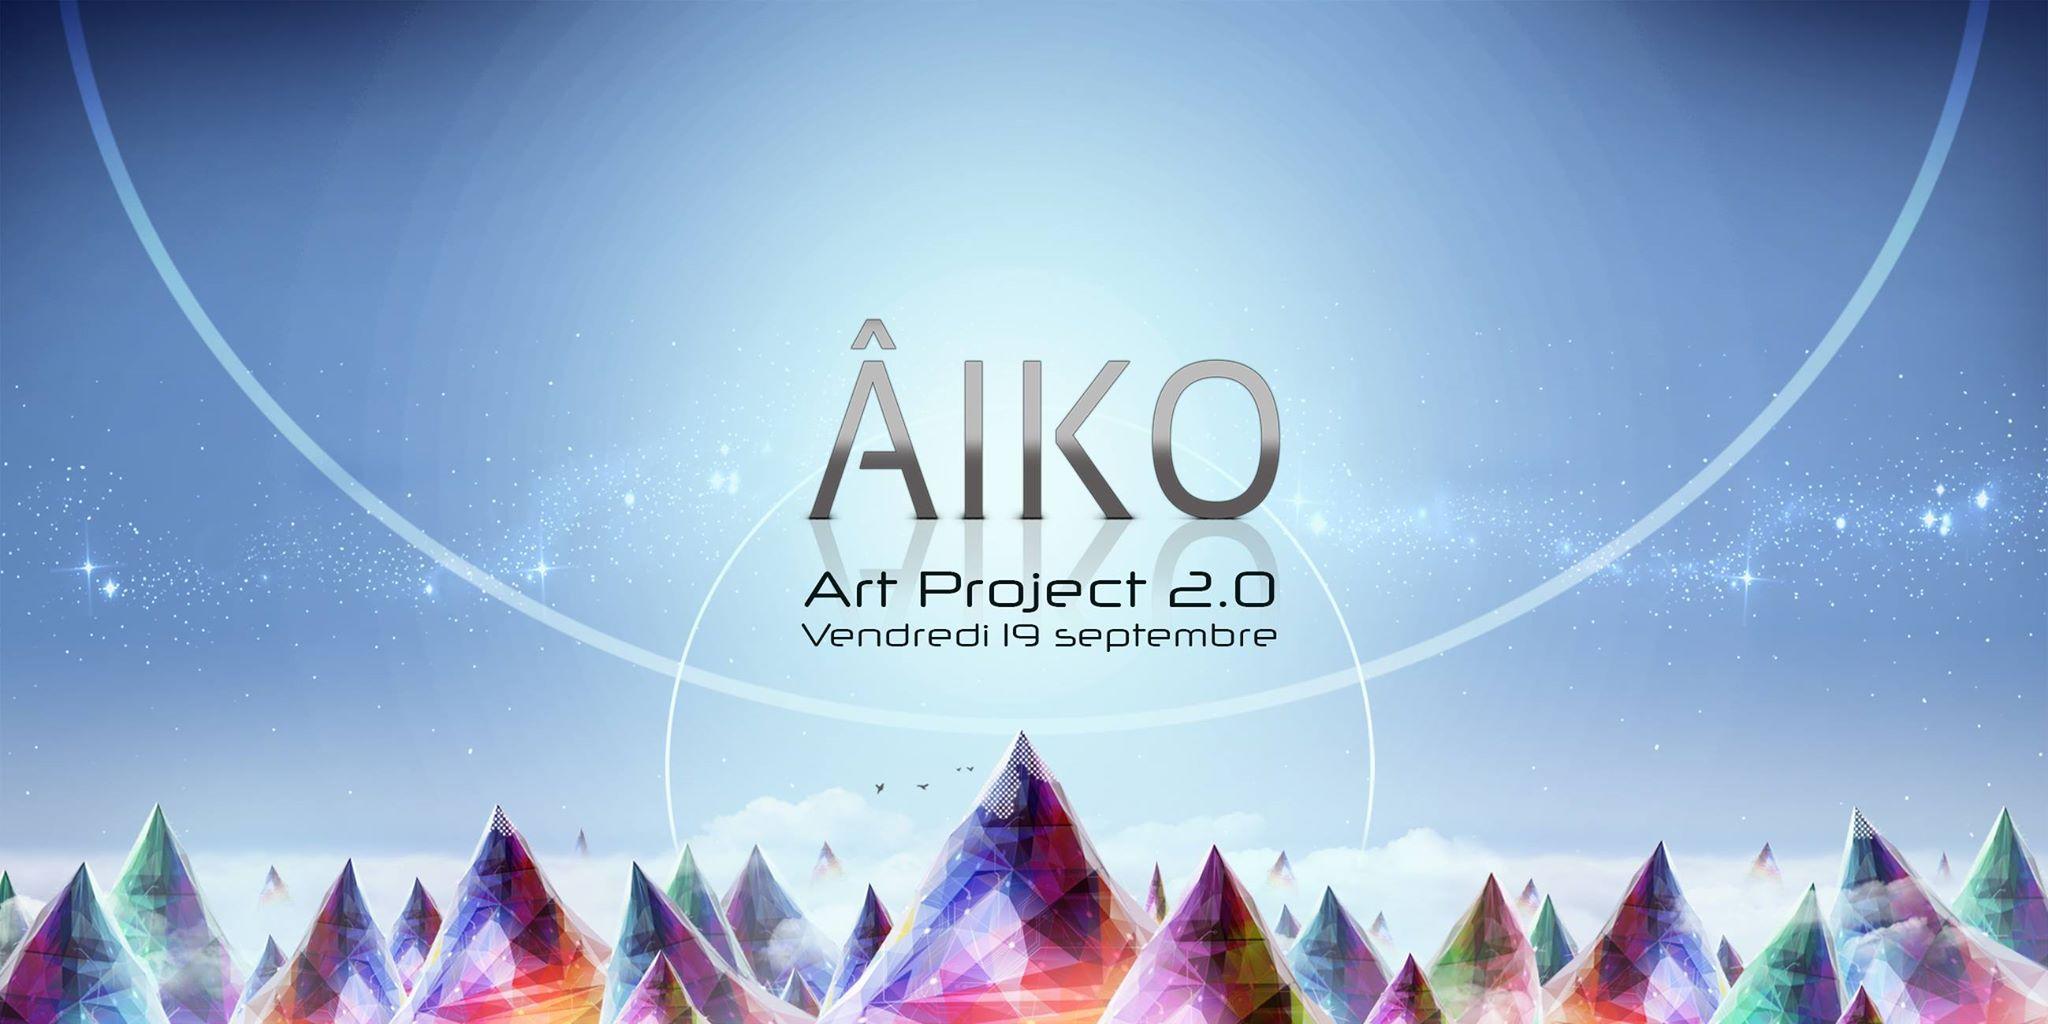 Aiko présente : Art-Project 2.0